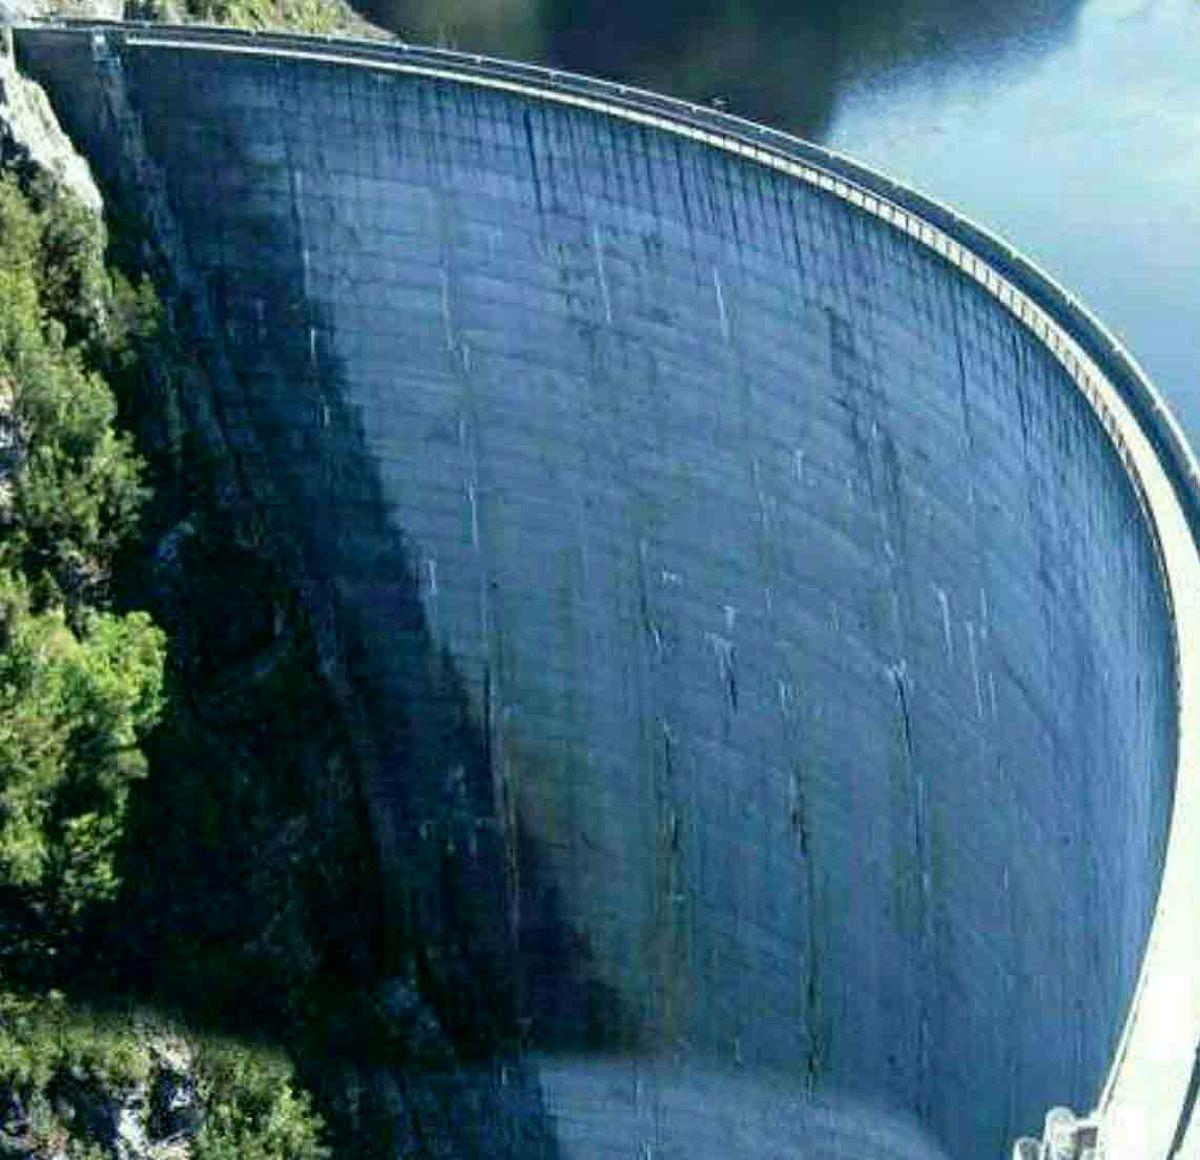 تصویر بزرگترین سد دنیا با 325 متر ارتفاع در کشور همسایه